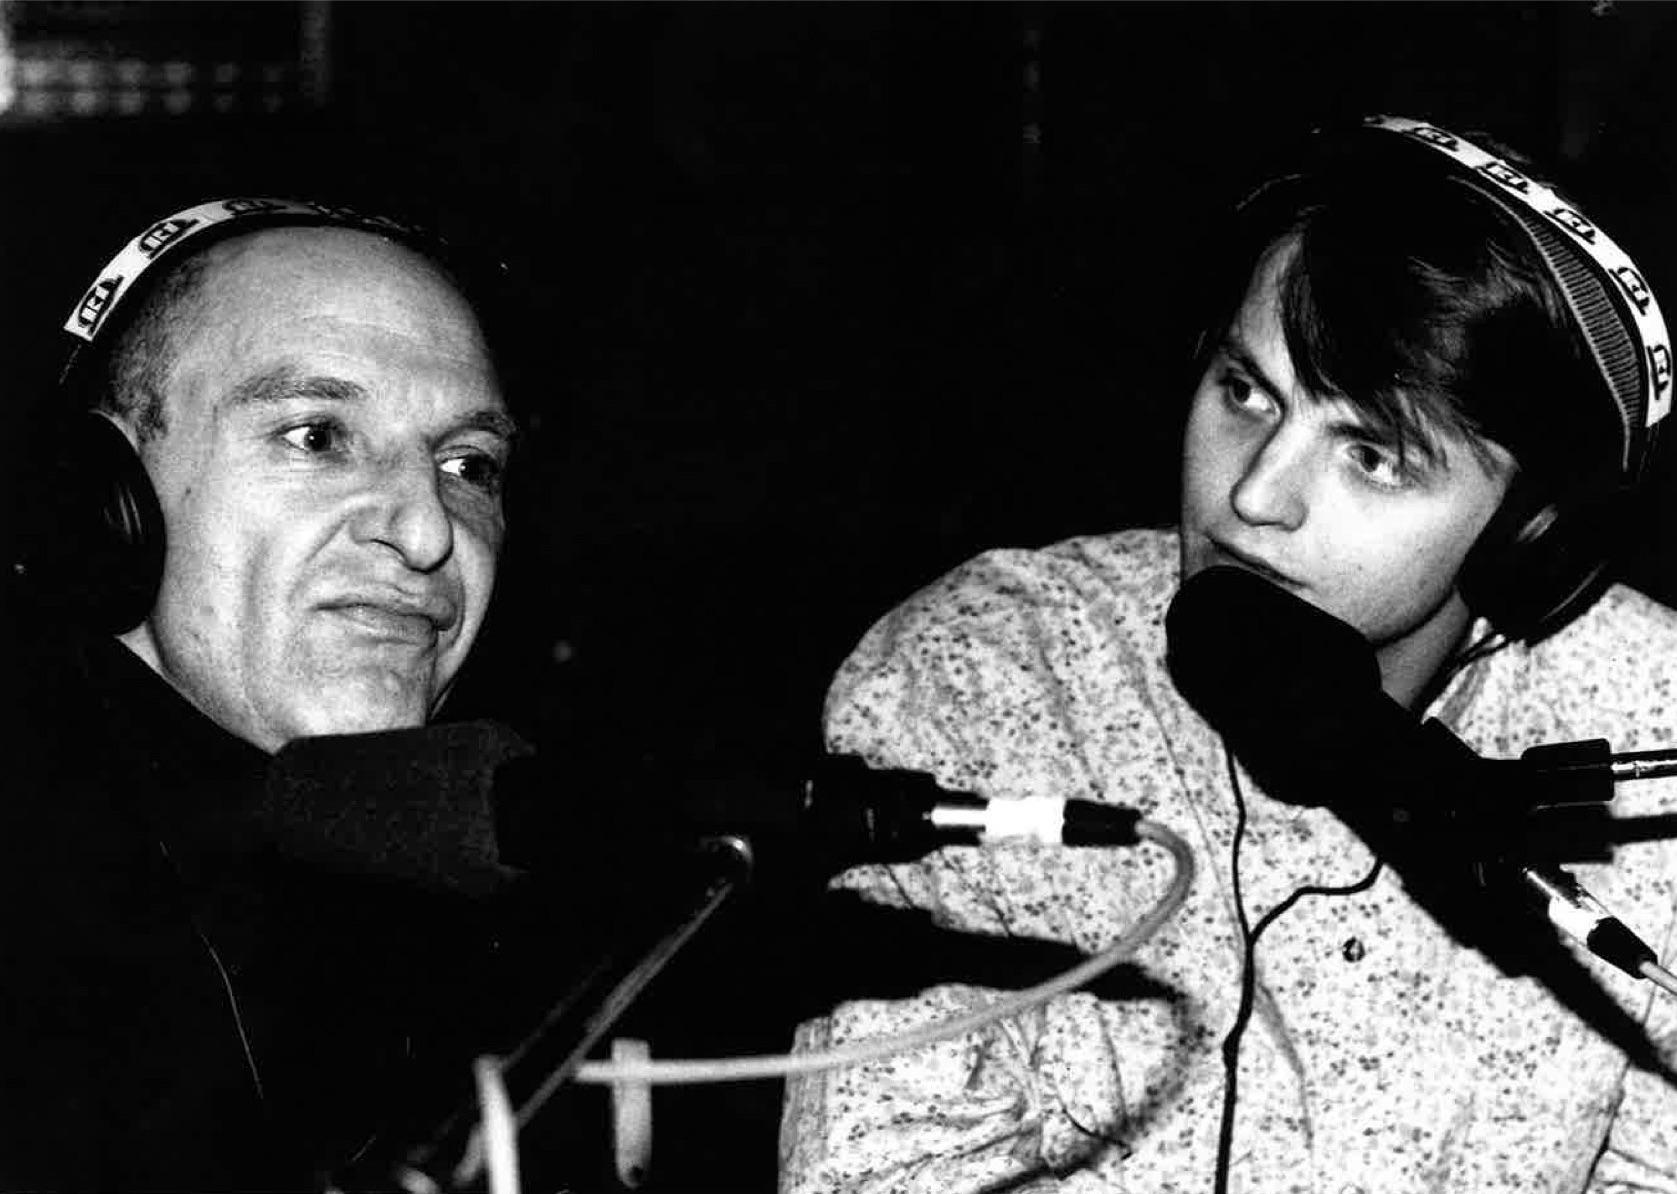 Ettanin tiedotustilaisuus Hurriganesin paluun tiimoilta 1988.  Kuva: Kari Kuukka